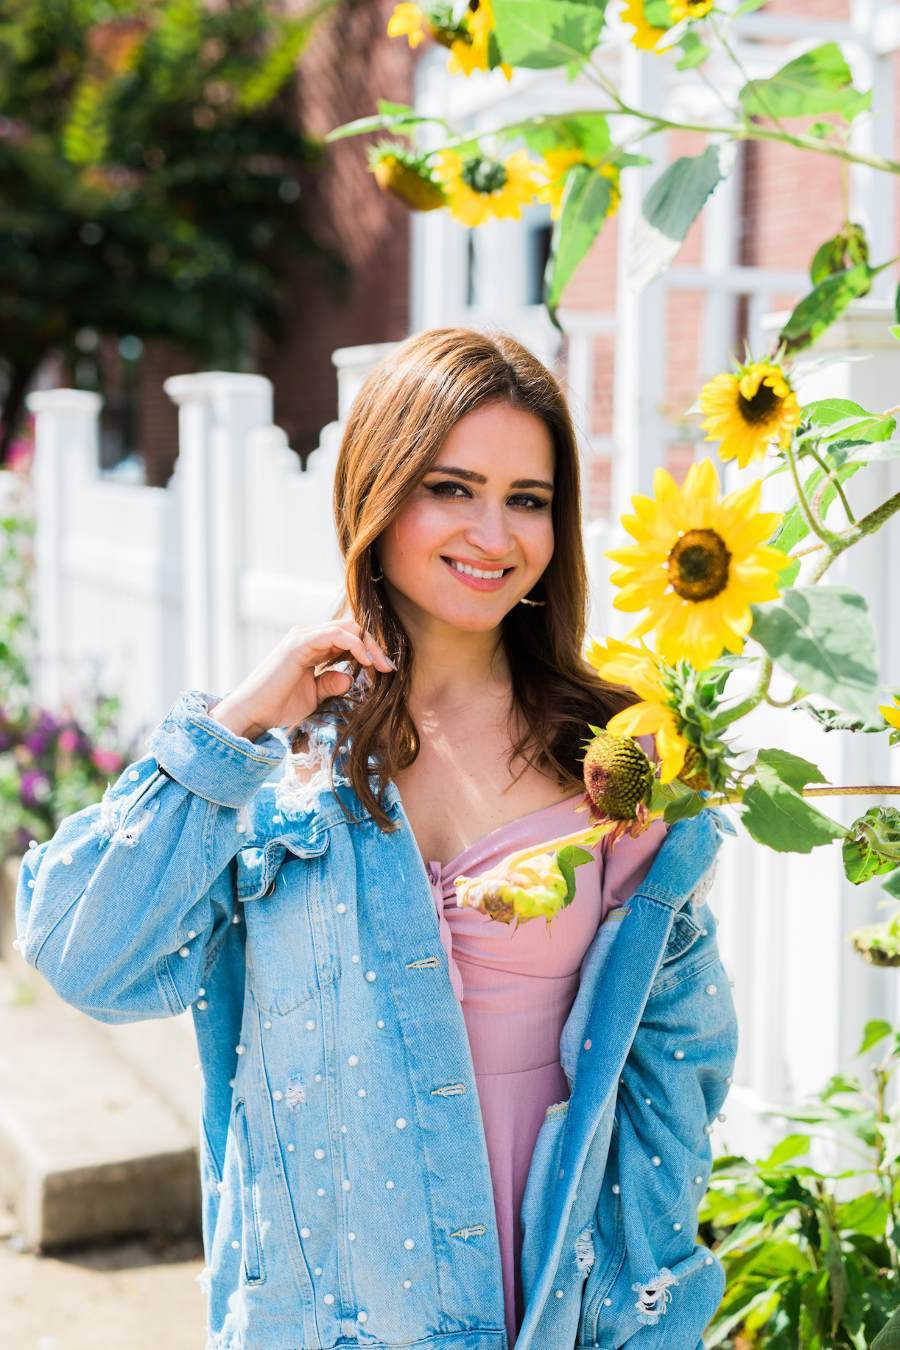 Ekaterina-Popova-Photo-Denim-Jacket